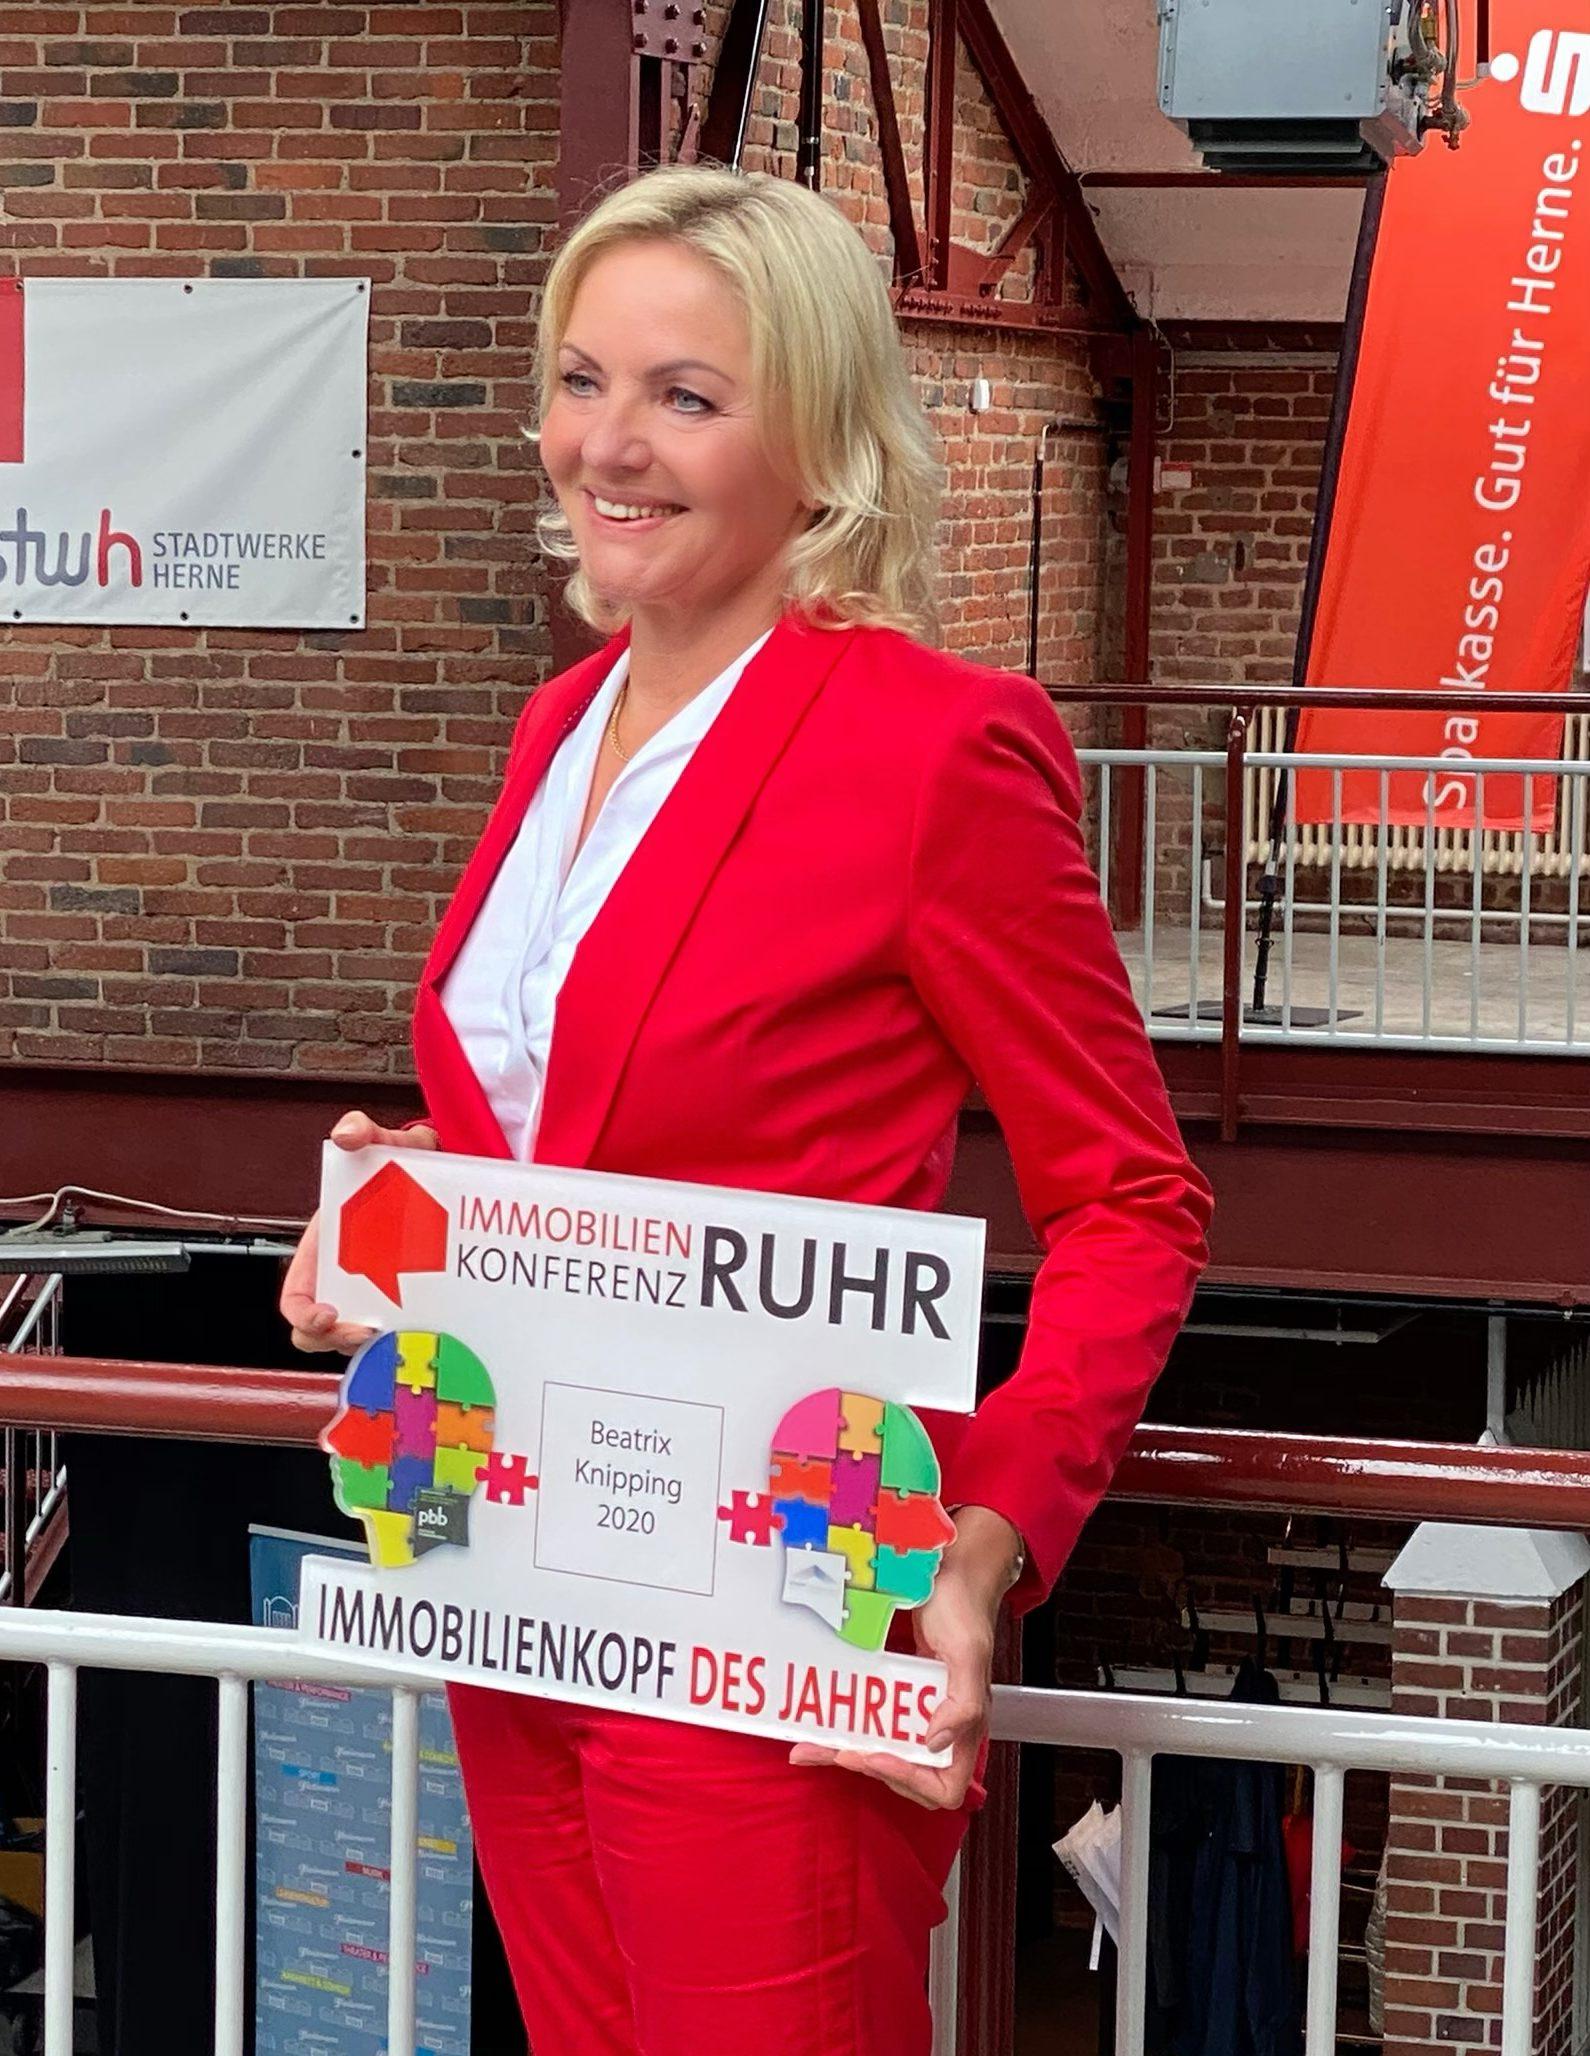 """Beatrix Knipping ist """"Immobilienkopf des Jahres 2020"""""""